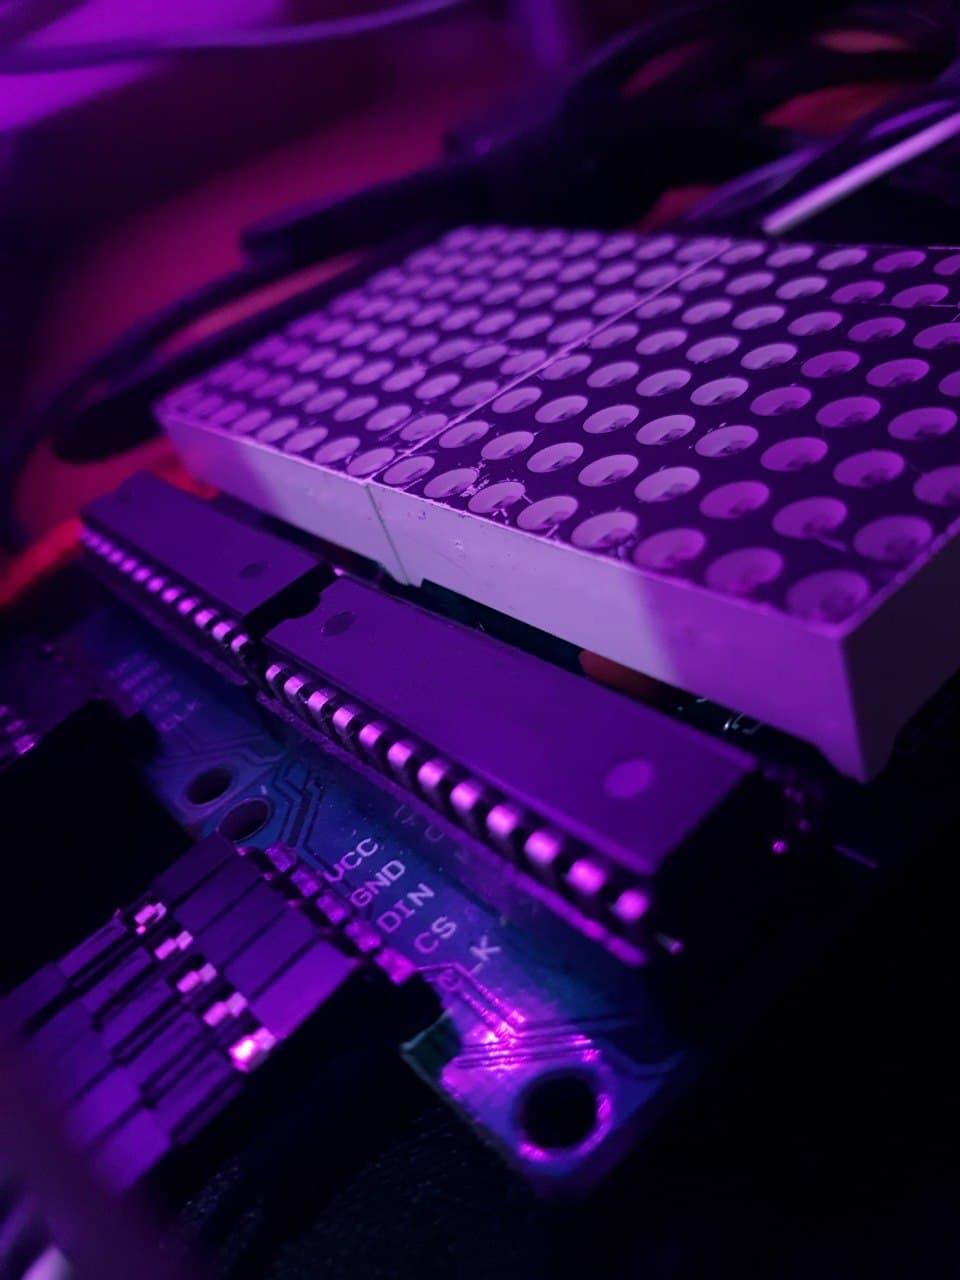 کنترل ماژول دات ماتریس Max7219 با وب سرور آردوینو - دیجی اسپارک